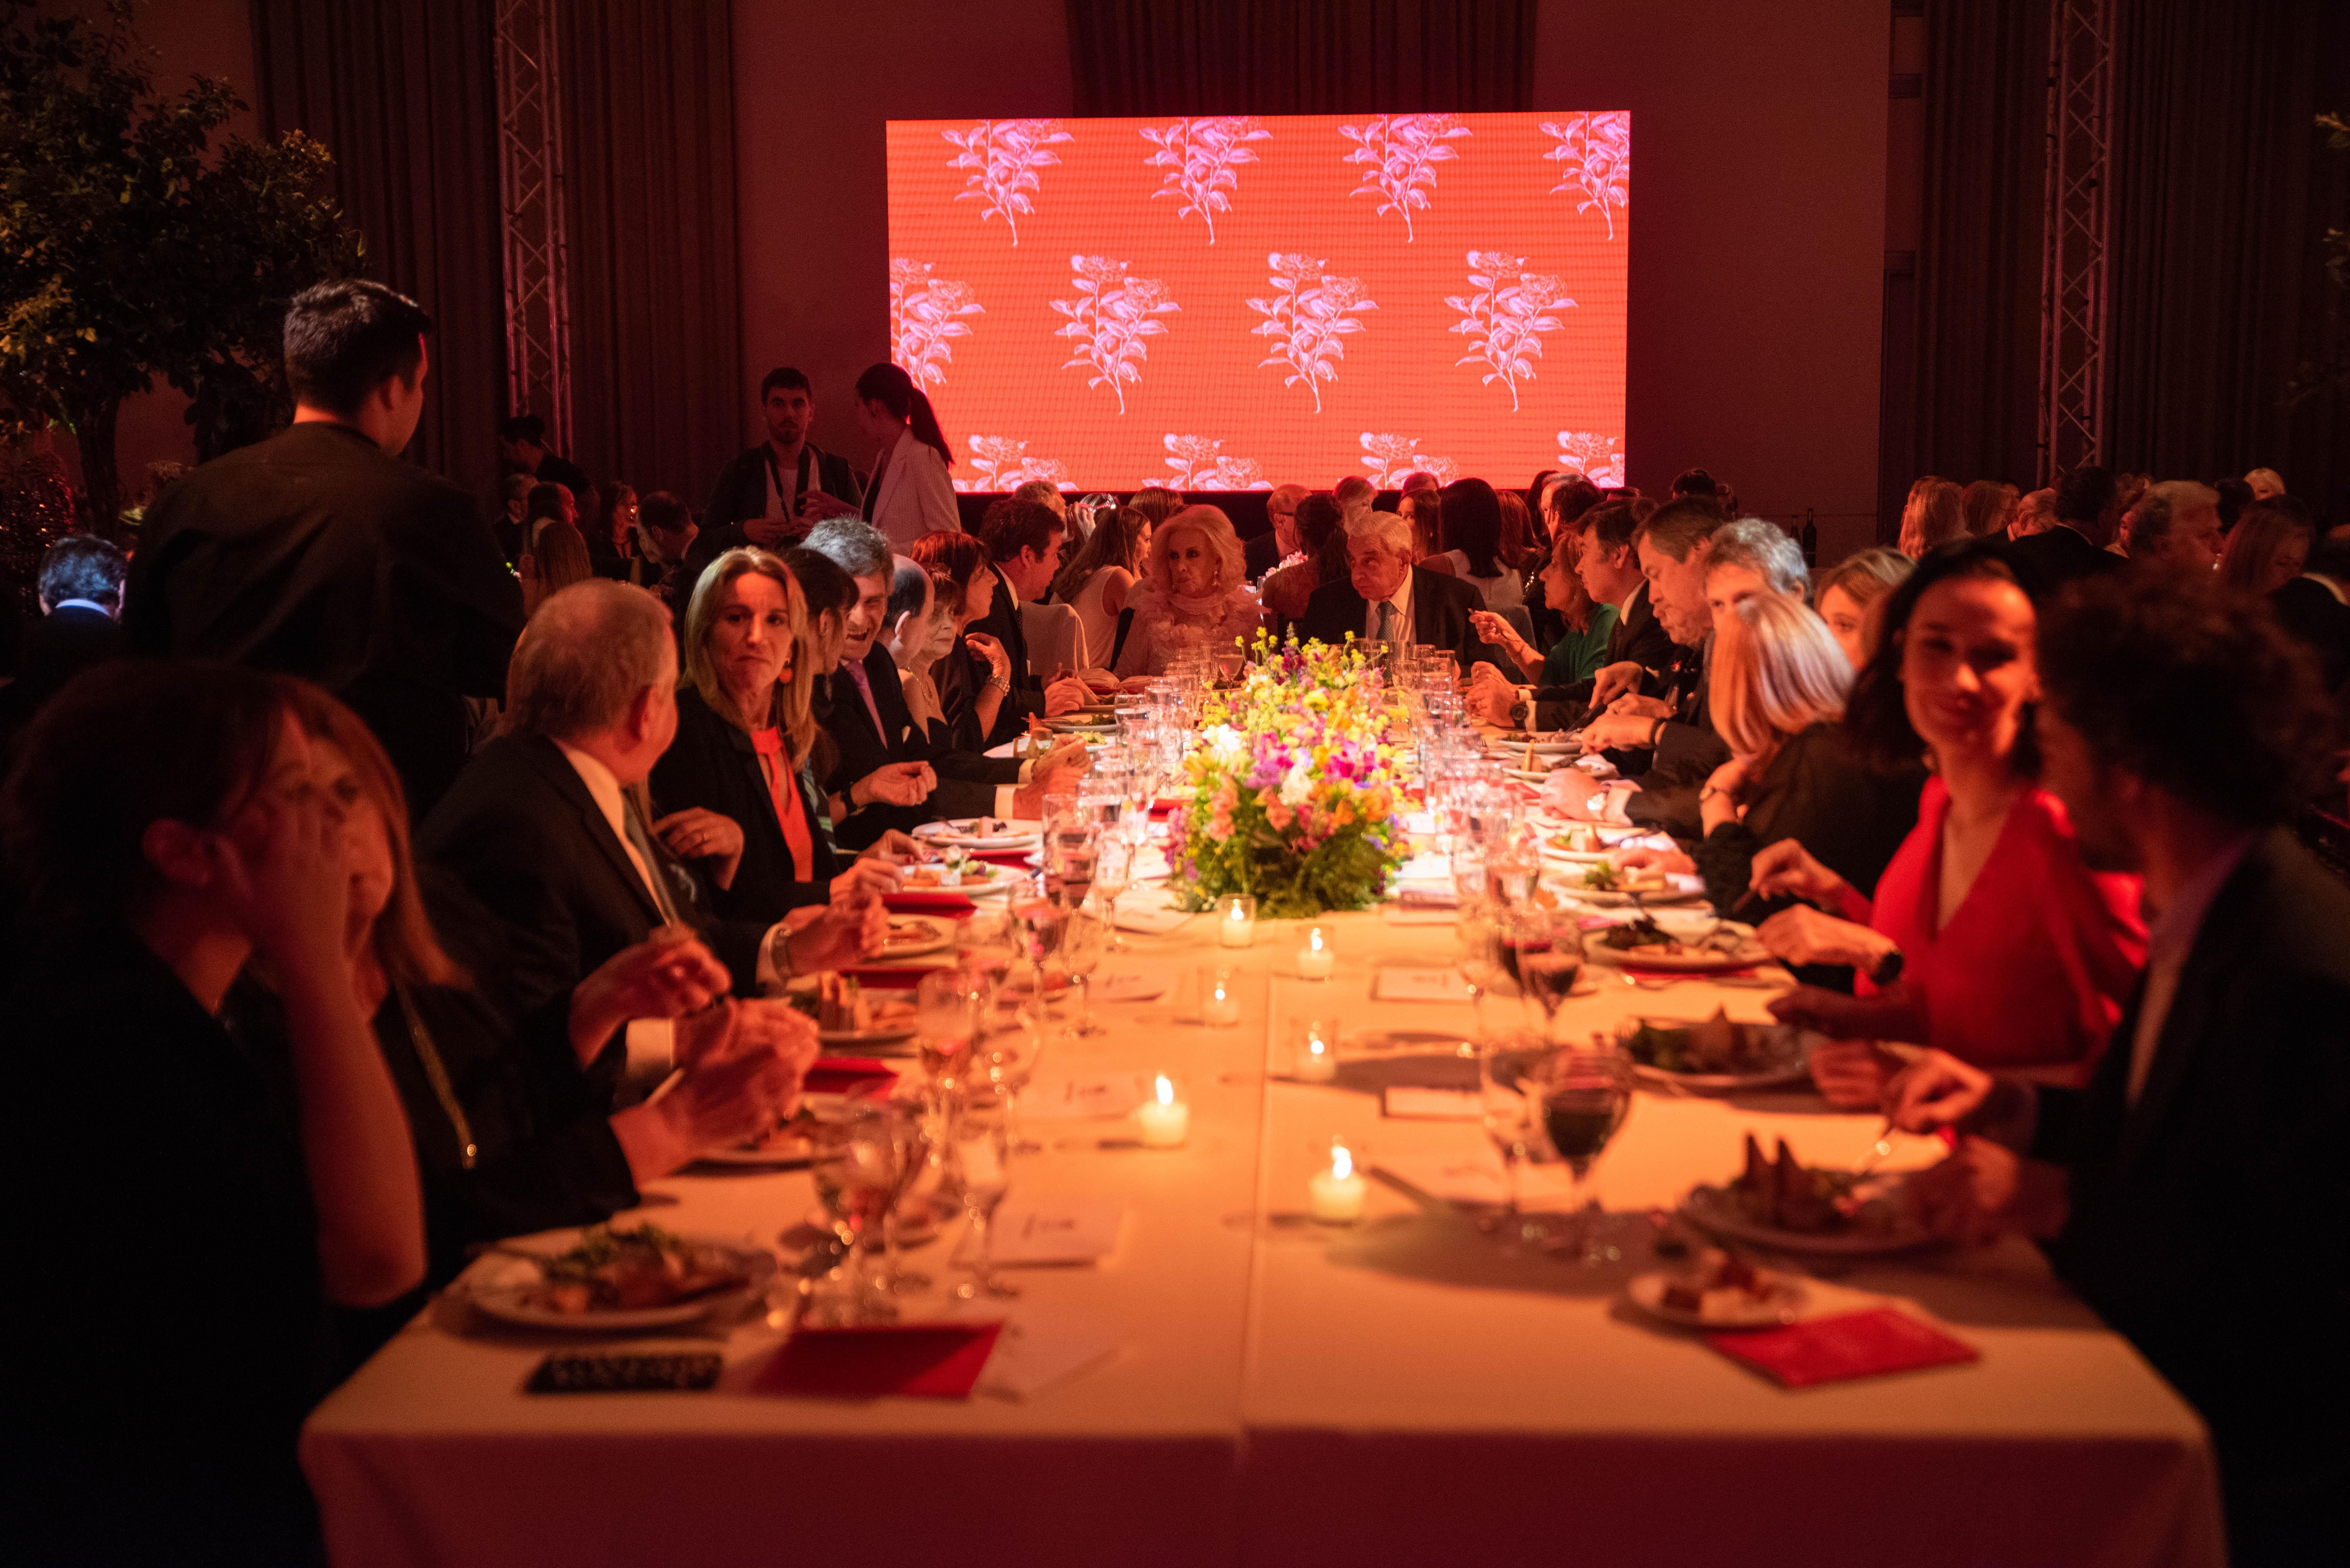 Mirtha Legrand y Adelmo Gabbi encabezaron la mesa principal de la Comida Anual Solidaria de COAS. El total de lo recaudado se destinará a la donación de un ecógrafo doppler color y equipamiento general para el Hospital de Rehabilitación Manuel Rocca